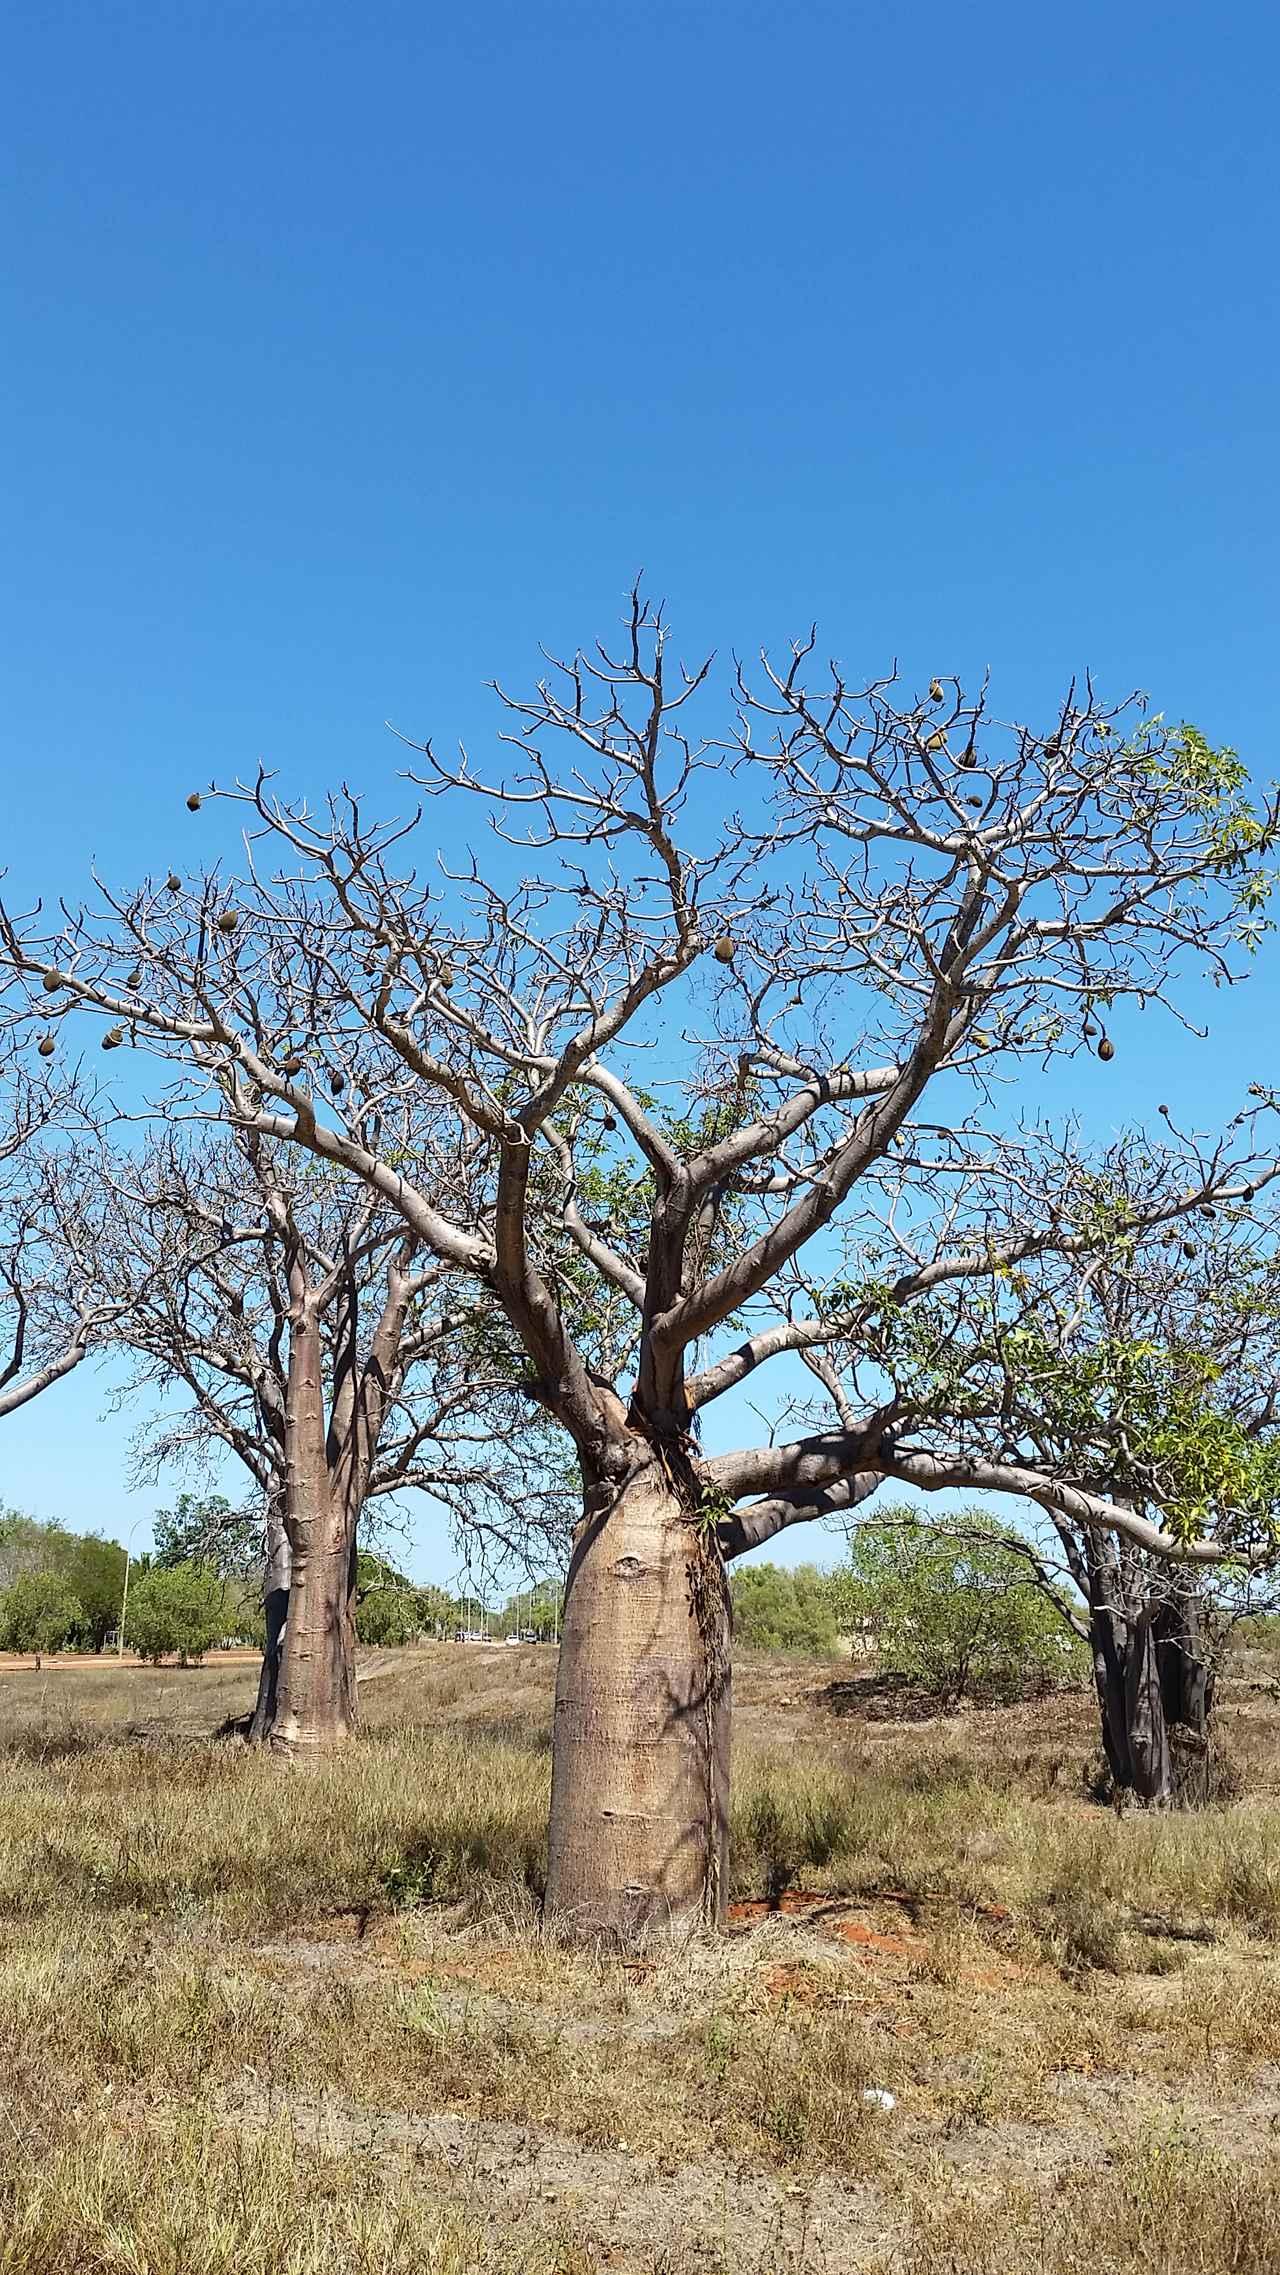 画像: ボアブ (通称バオバブ) ©️Oakley Kyoko まるで絵本の世界!西オーストラリア北部に自生しており幹に多くの水を蓄え乾季には葉を落とし休眠します。